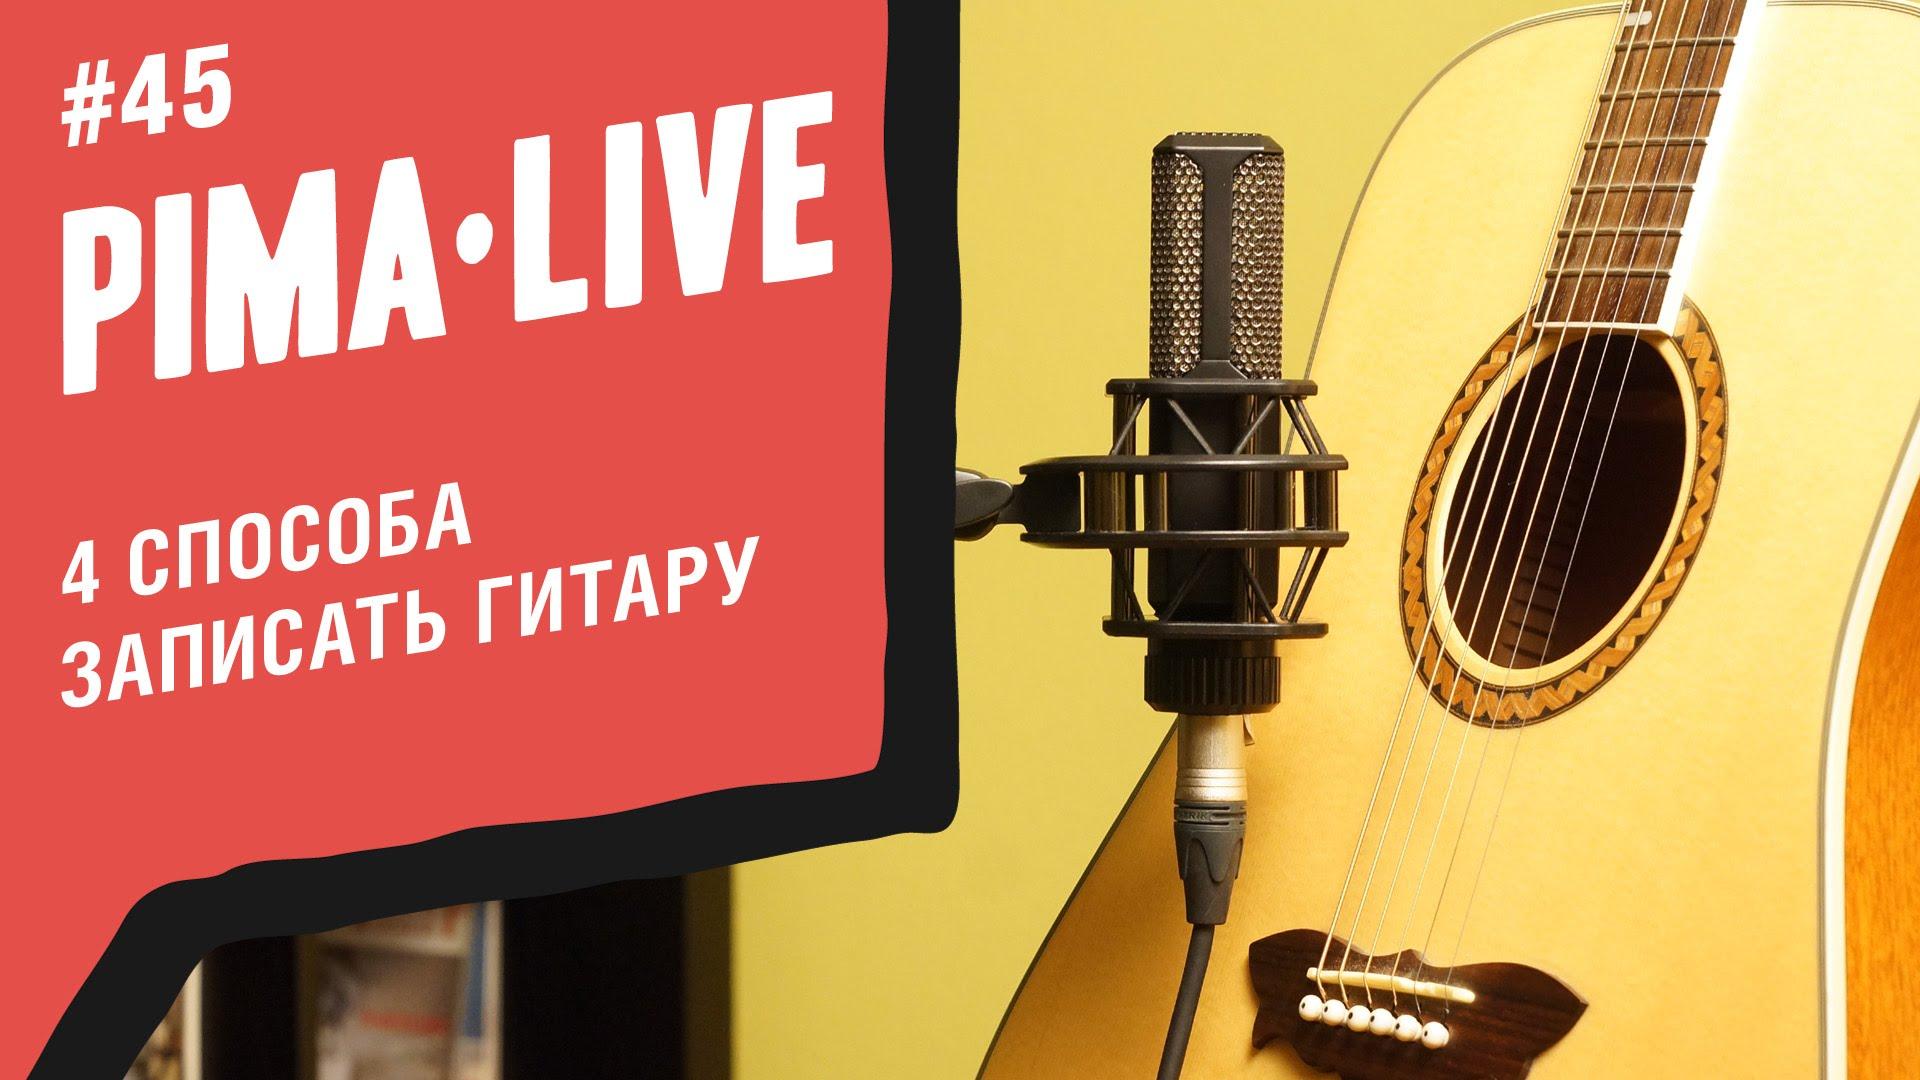 4 простых способа записать Гитару